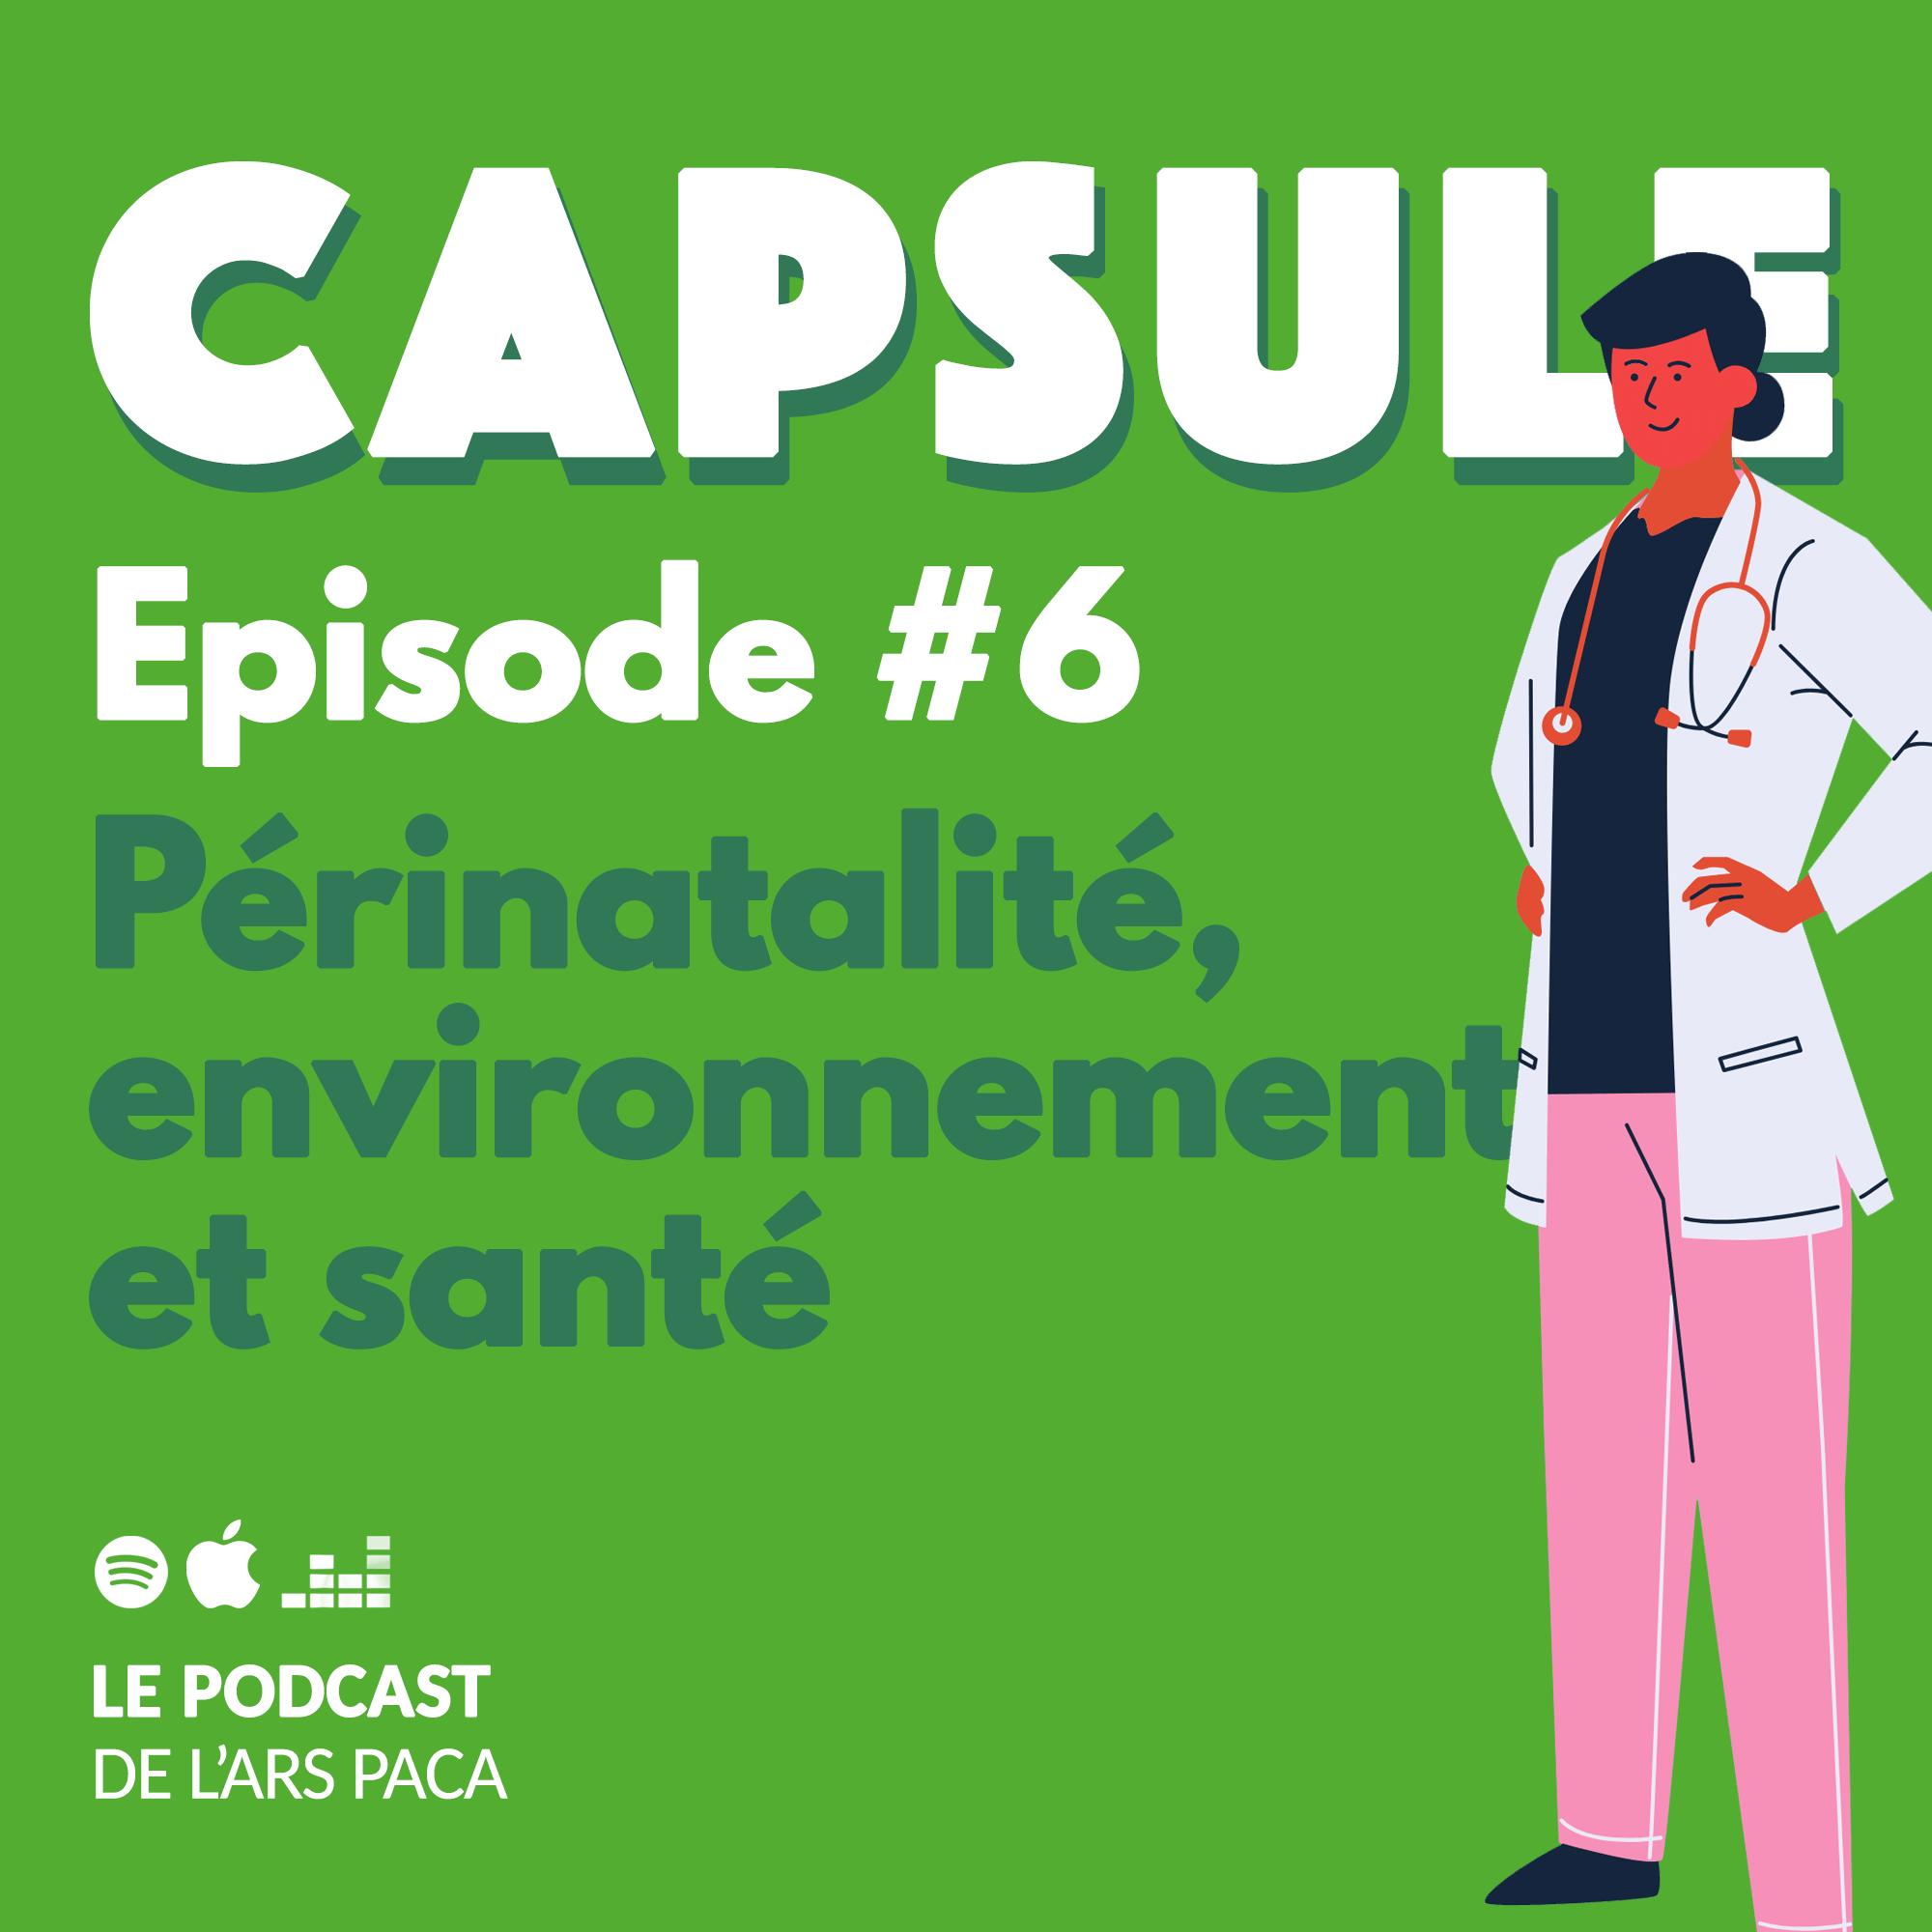 Capsule : périnatalité, santé et environnement